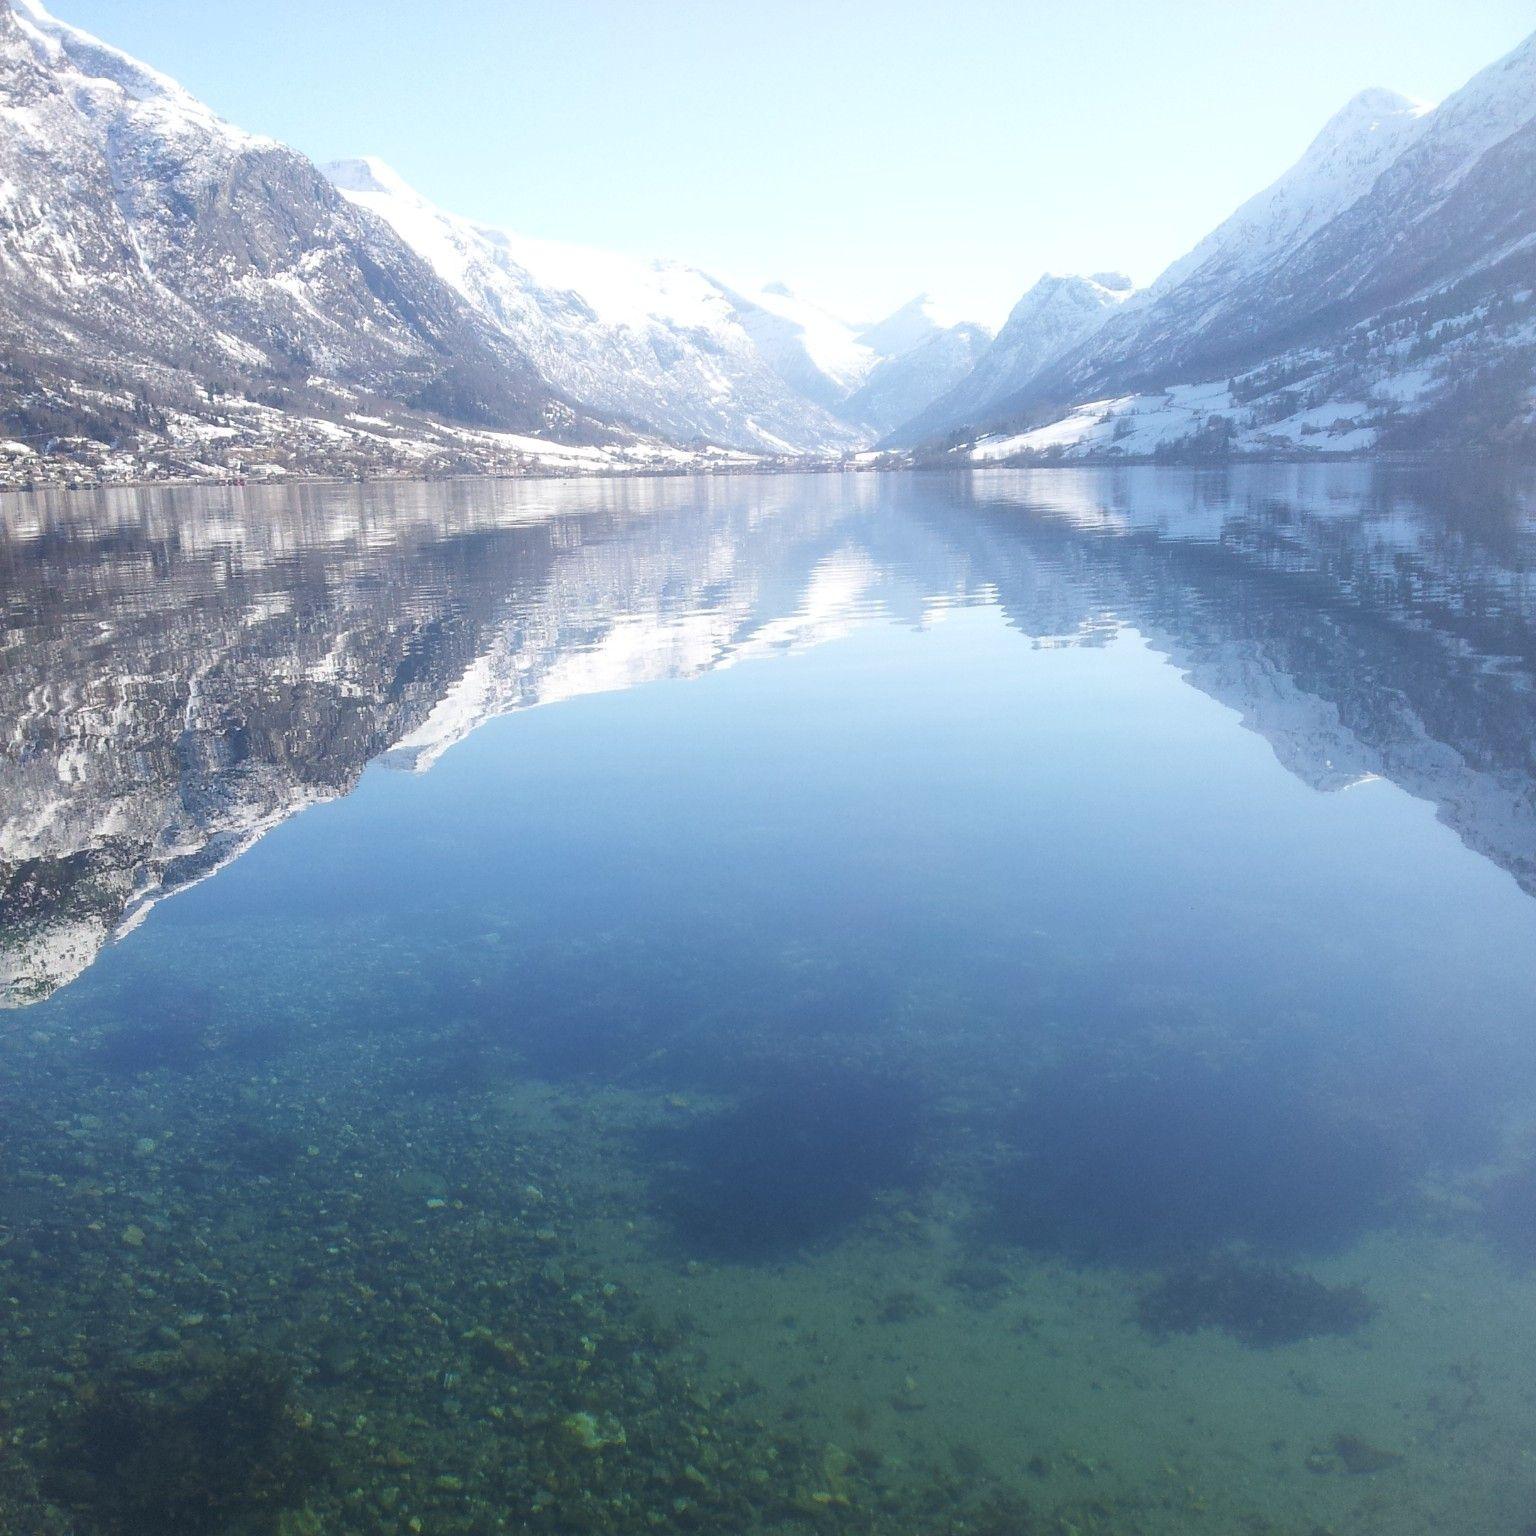 Loen, Nordfjord, Norway